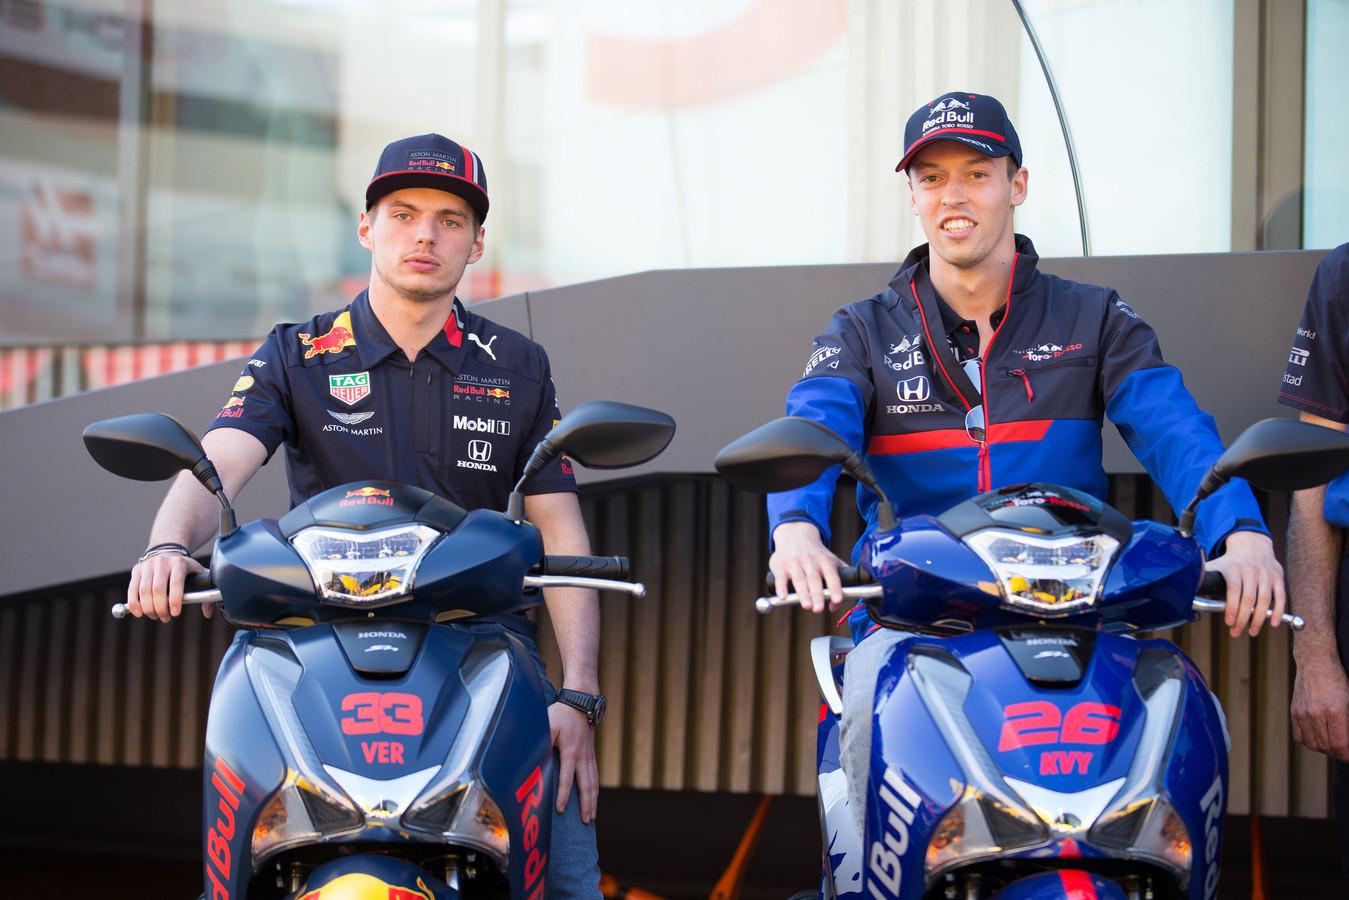 Max Verstappen en Daniil Kvyat (Toro Rosso) in Barcelona.